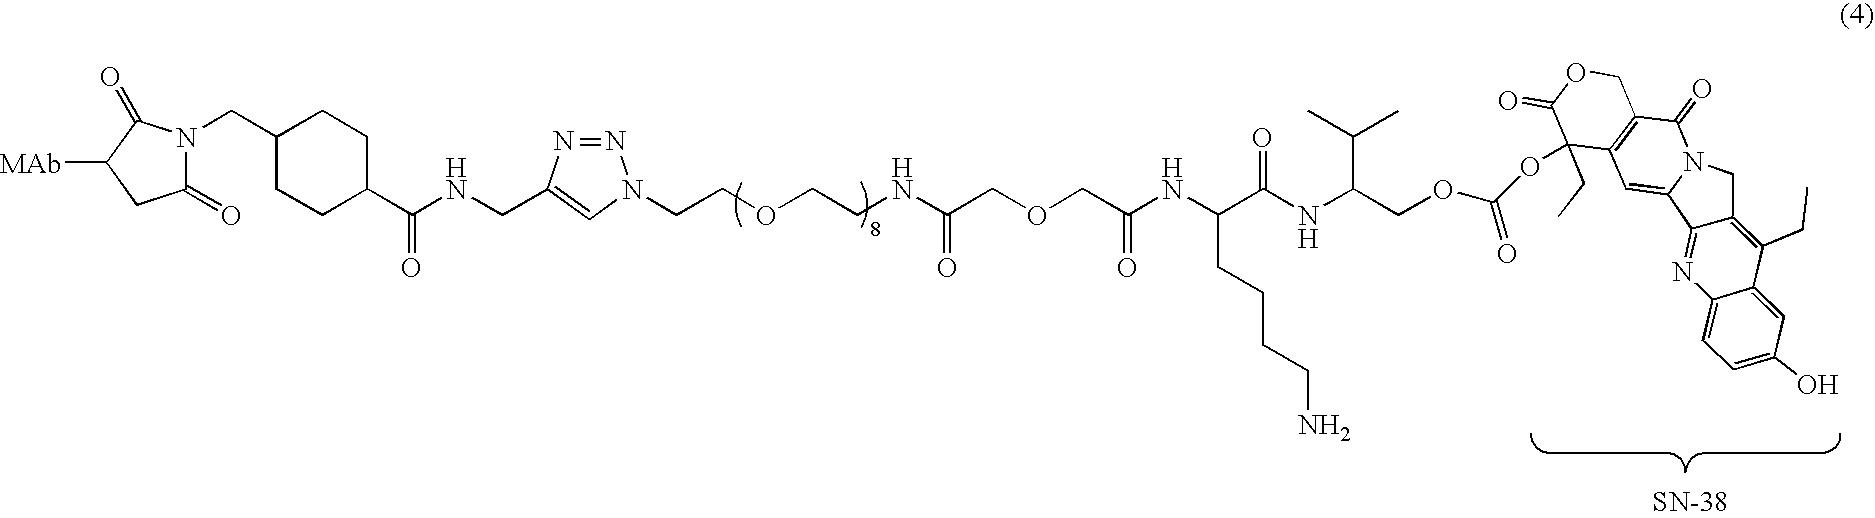 Figure US20100104589A1-20100429-C00003